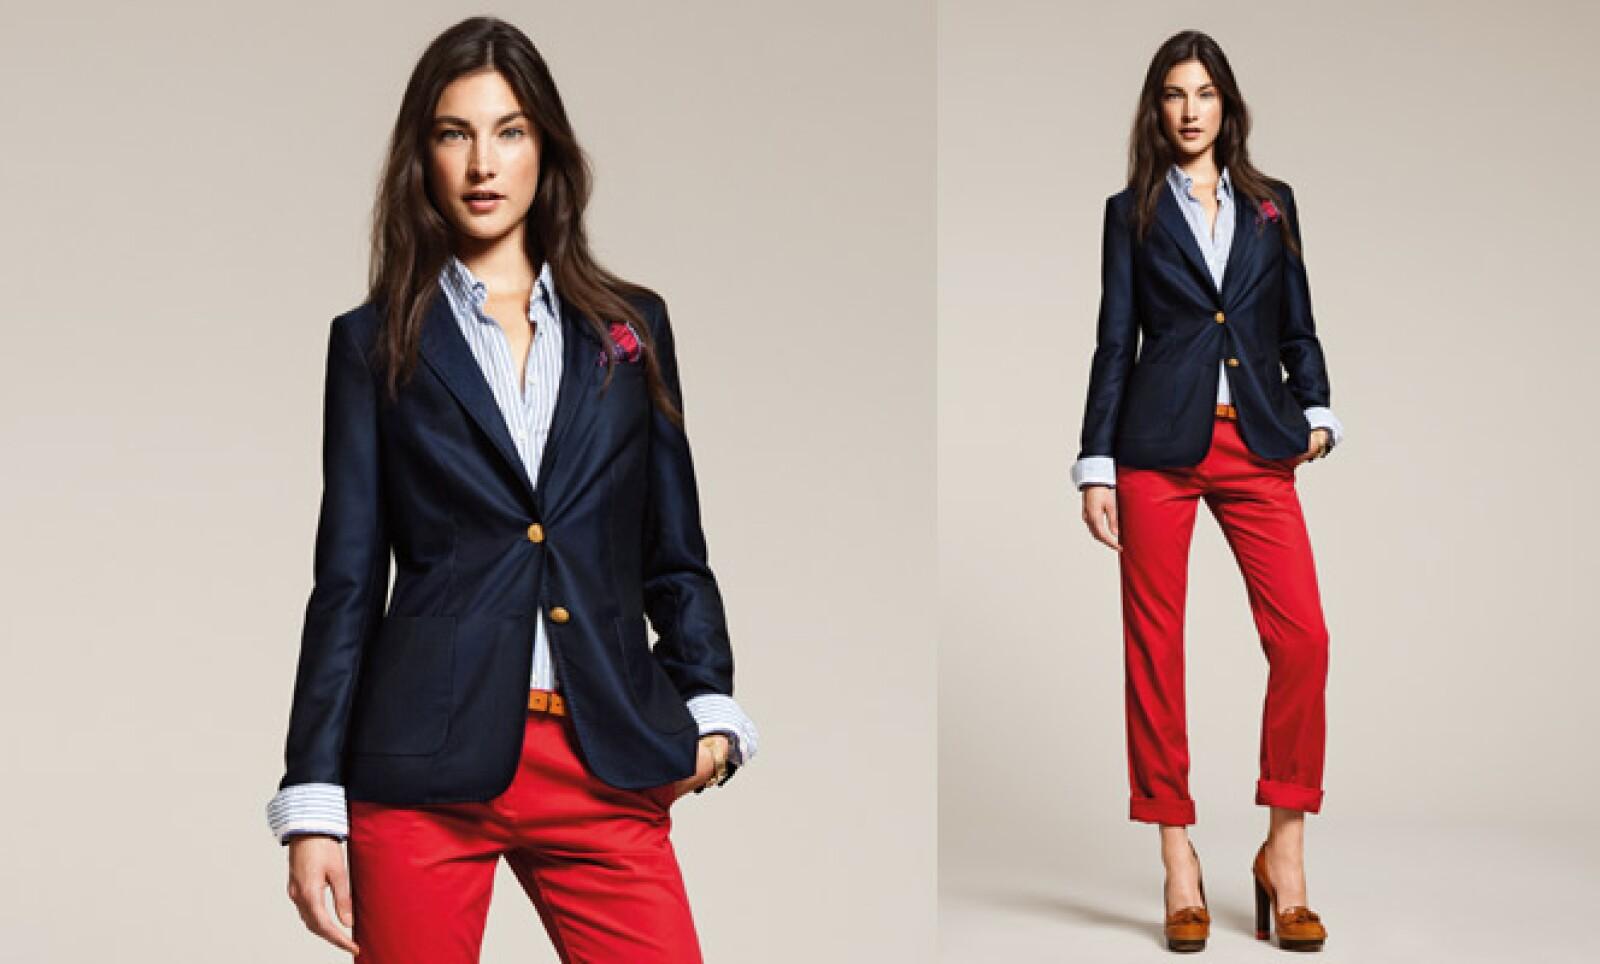 Un estilo elegante se mantiene en cada una de las piezas que el modisto confecciona.